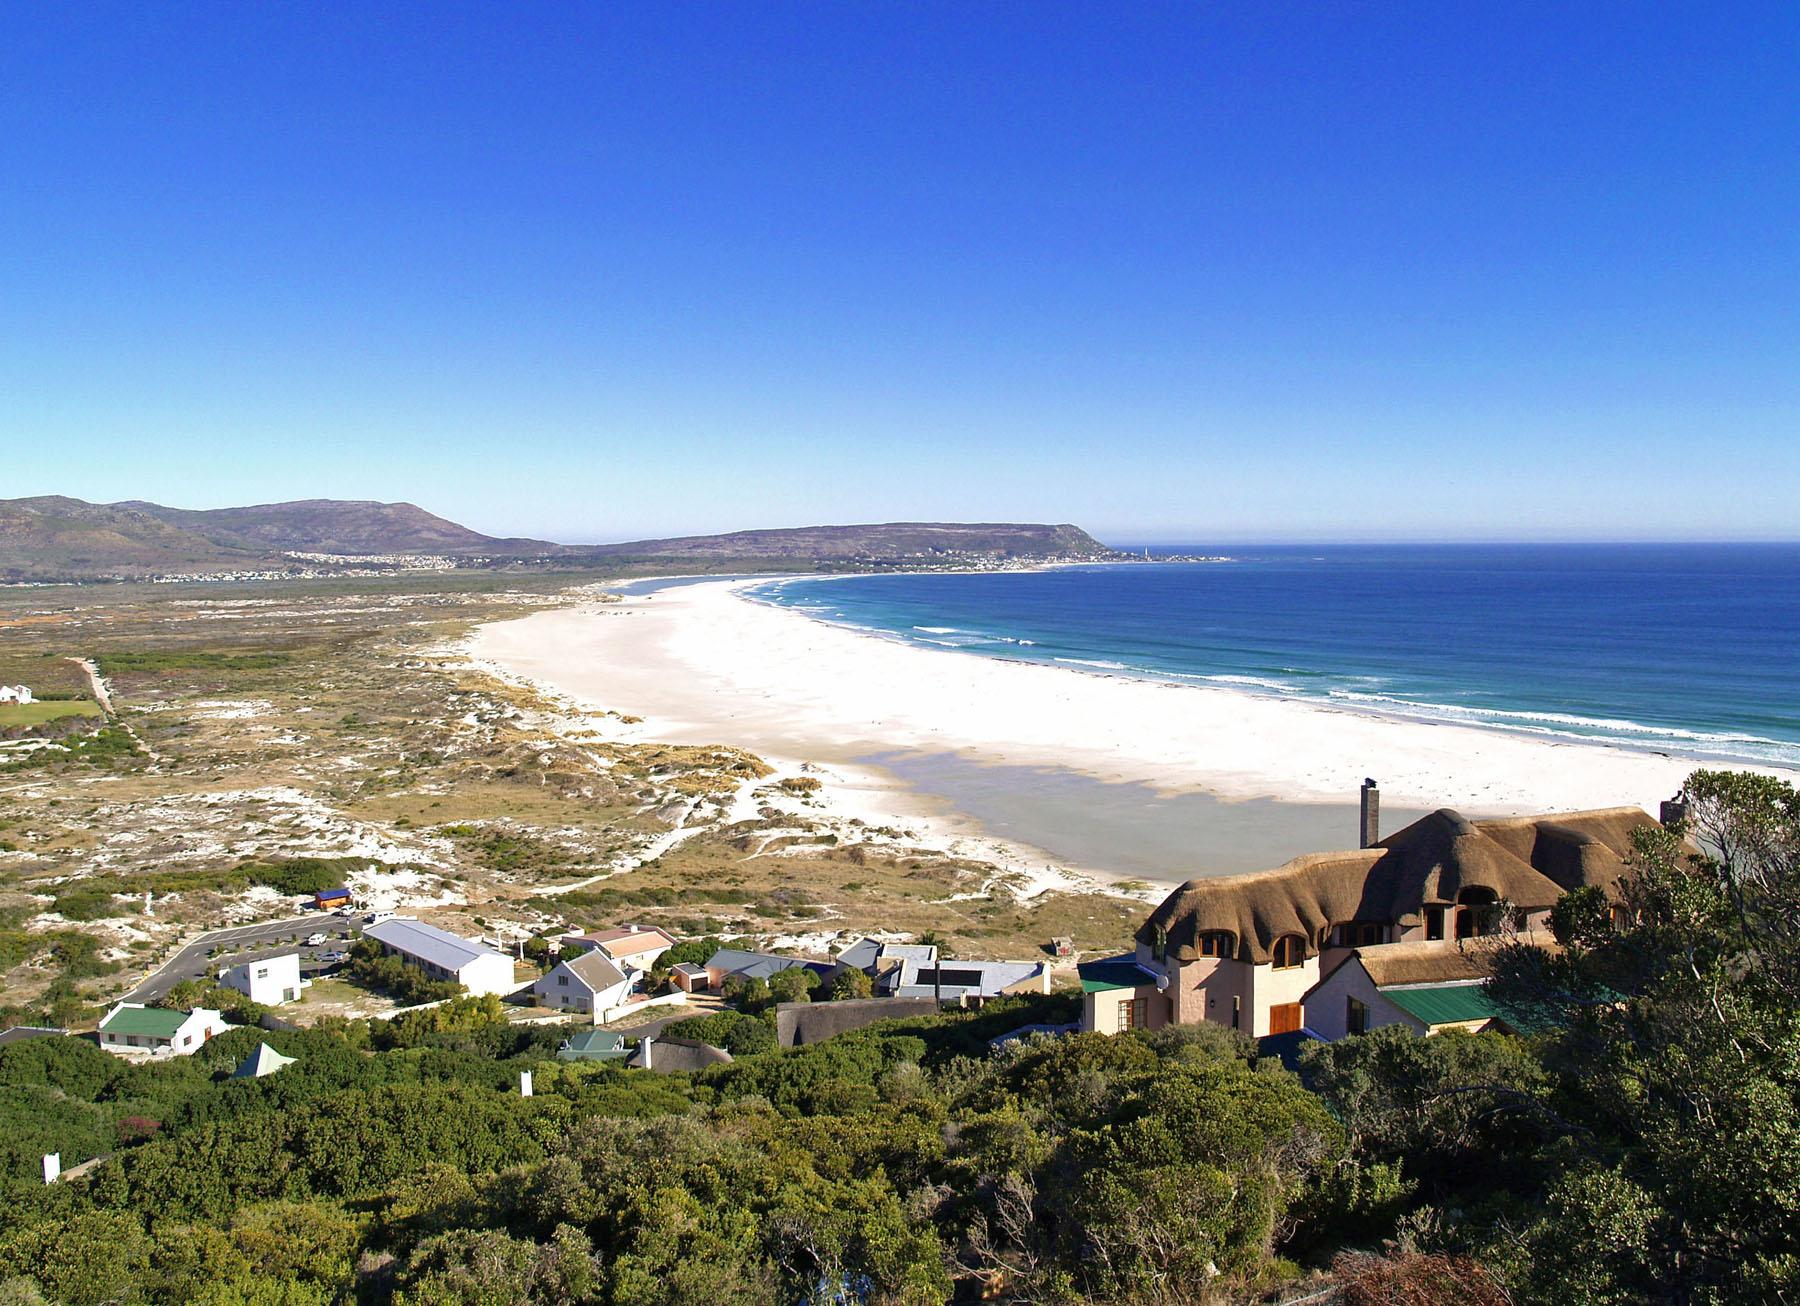 Cape Town Africa Beaches